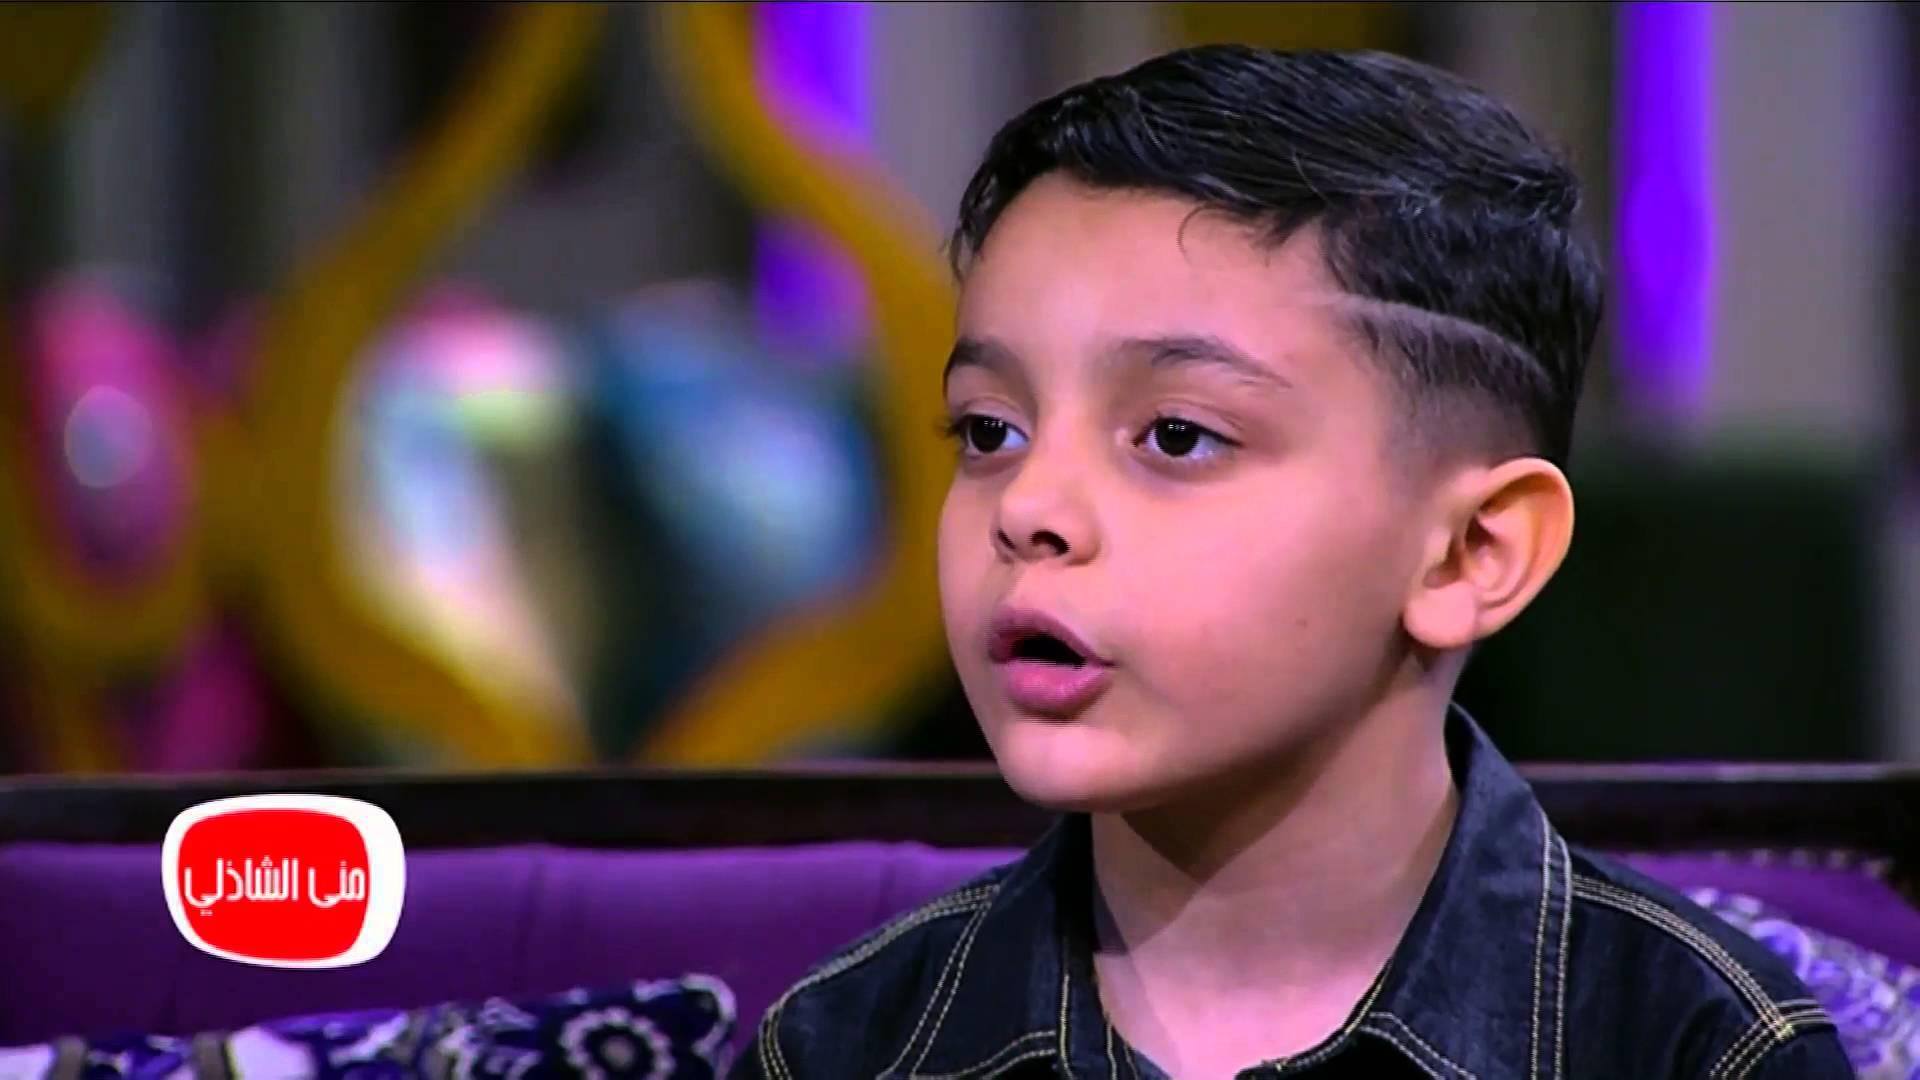 بالفيديو.. هم كل السيسيين كده.. بس أحمد السيسي على الأقل يعتذر